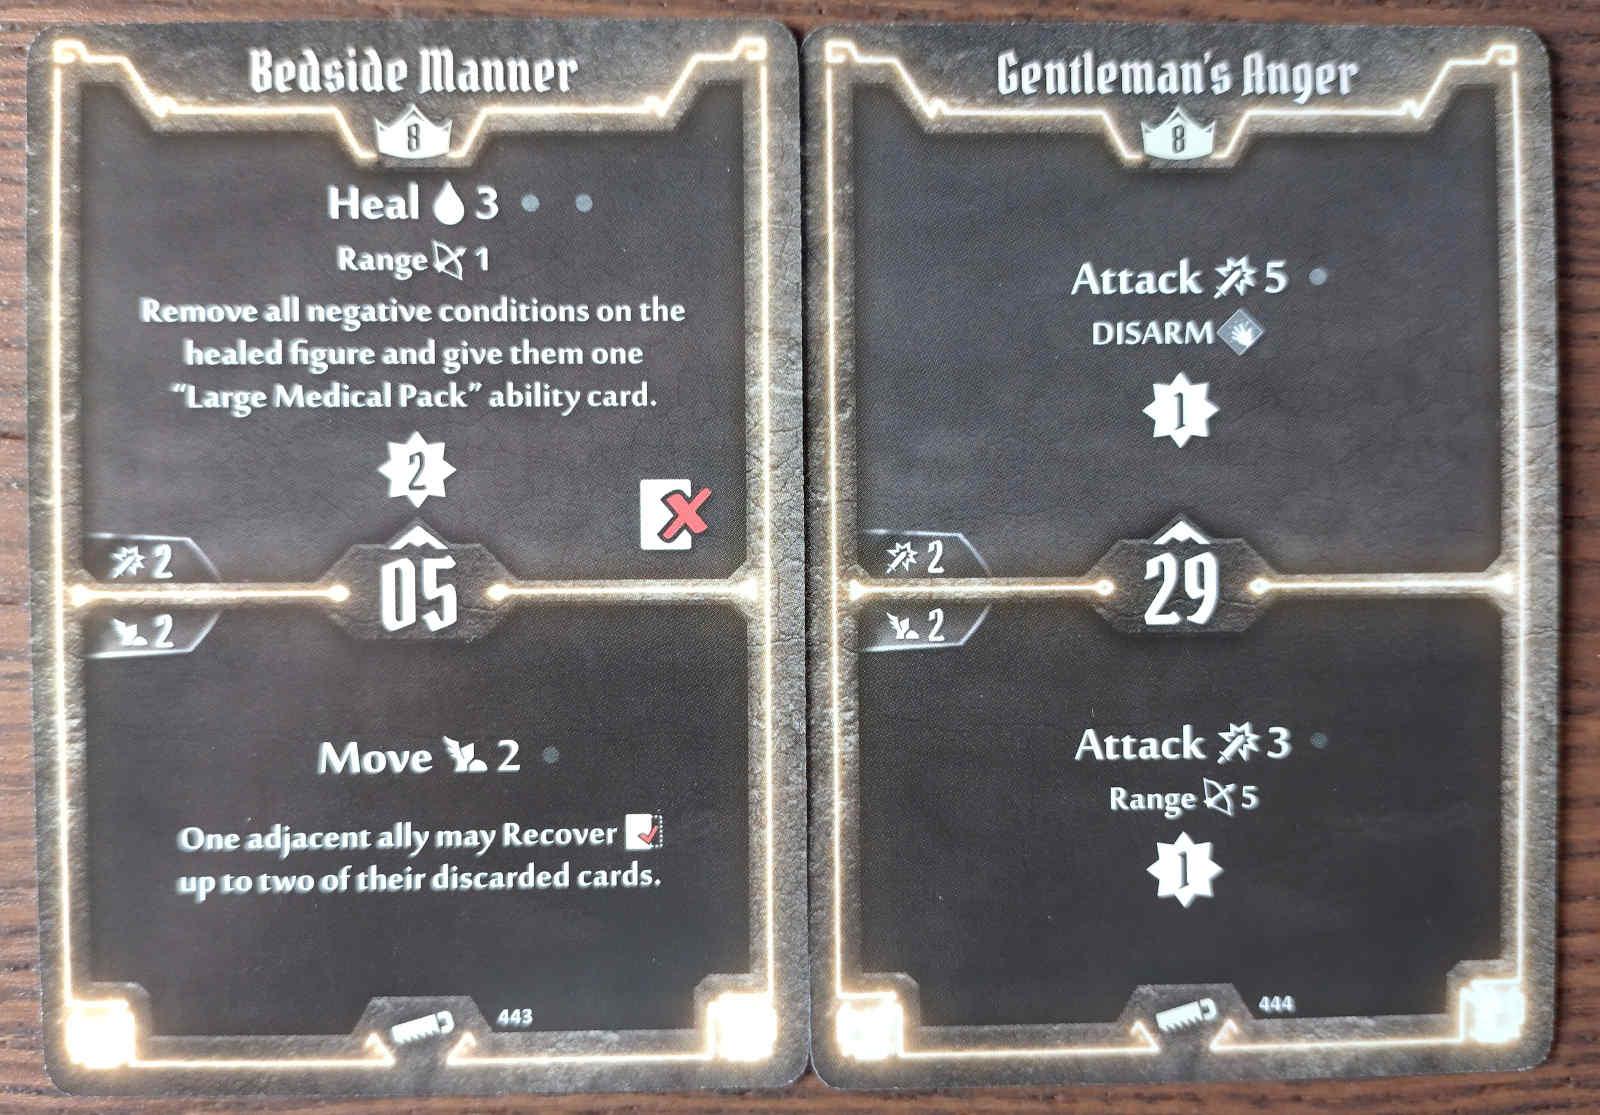 Level 8 Sawbones cards - Bedside Manner and Gentlemen's Anger